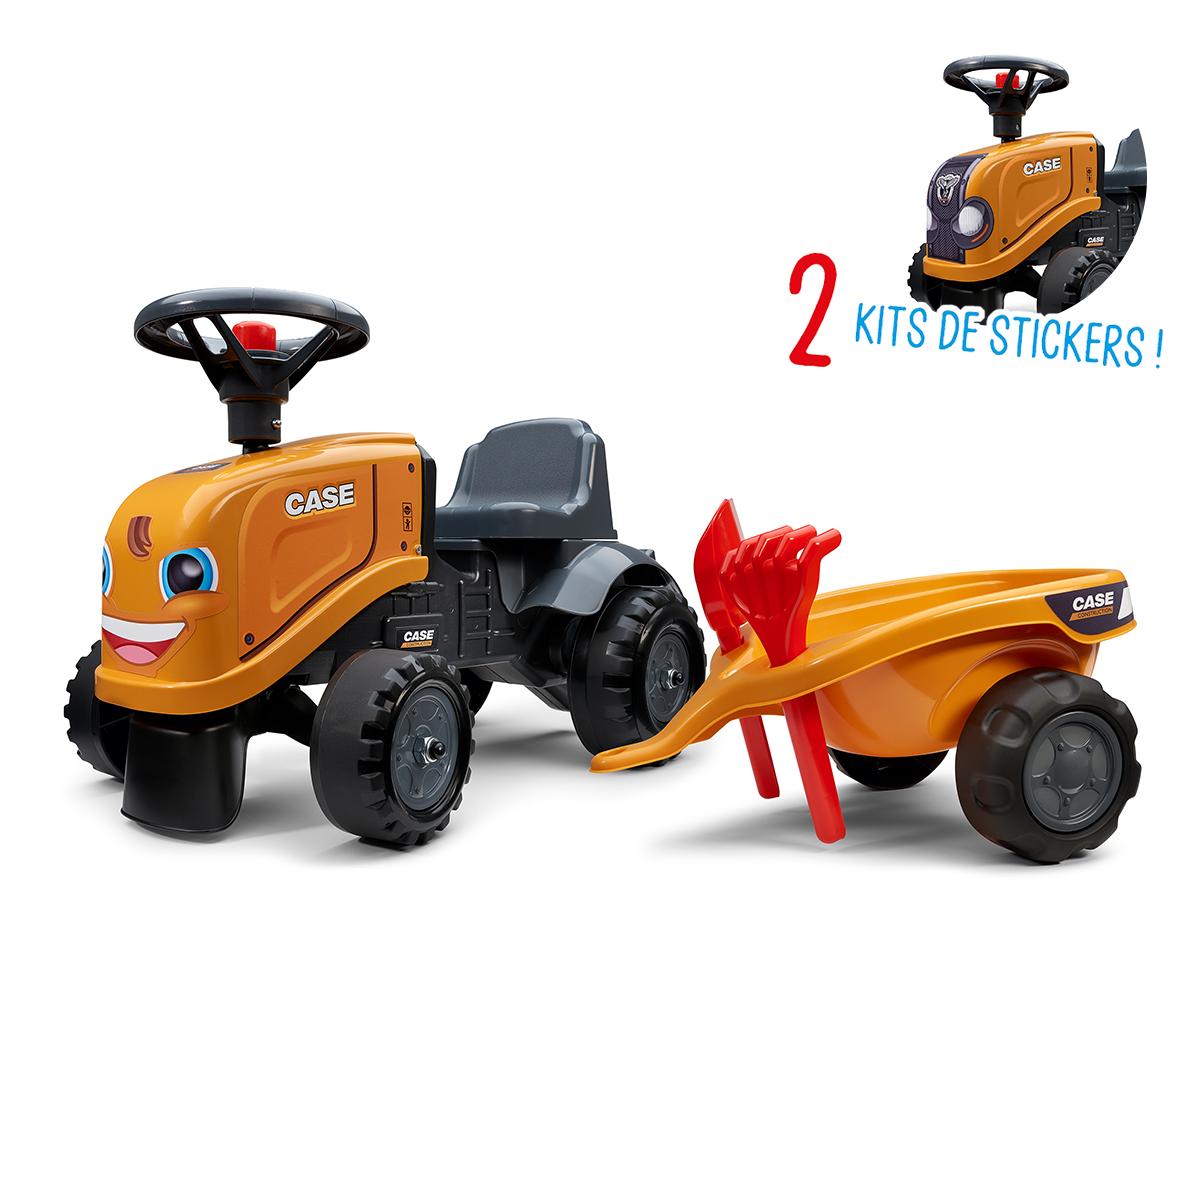 Porteur Falk tracteur Case CE avec remorque - pelle et rateau - Orange